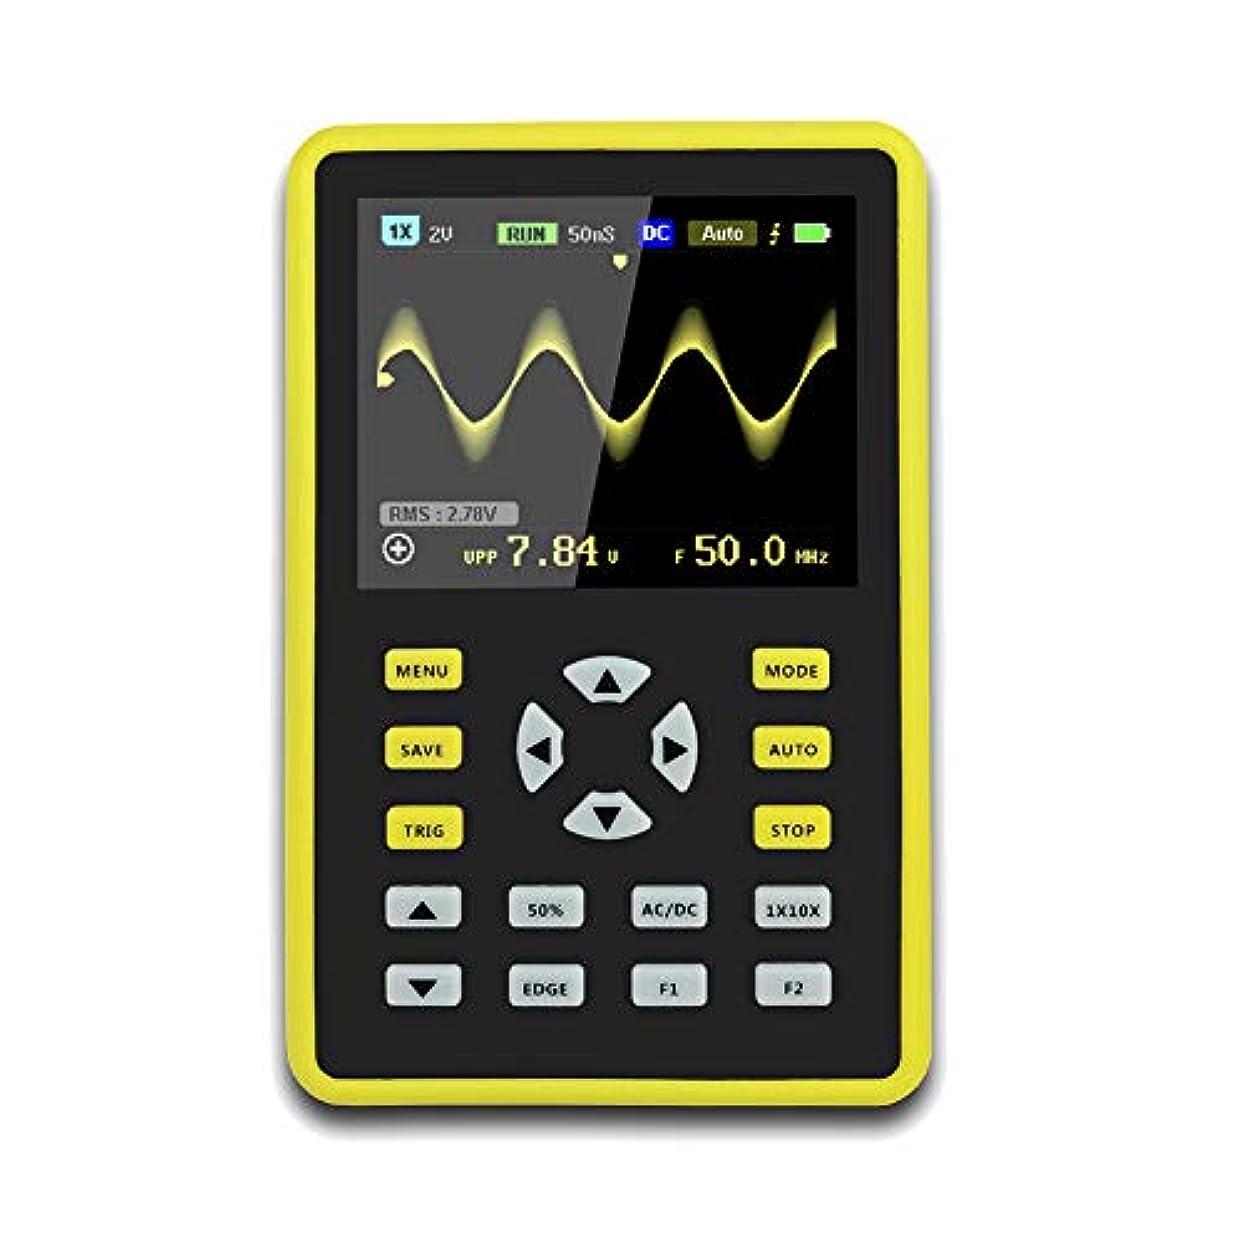 知り合いになる導入する宅配便JanusSaja  手持ち型デジタル小型オシロスコープ2.4インチ500 MS/s IPS LCD表示スクリーンの携帯用